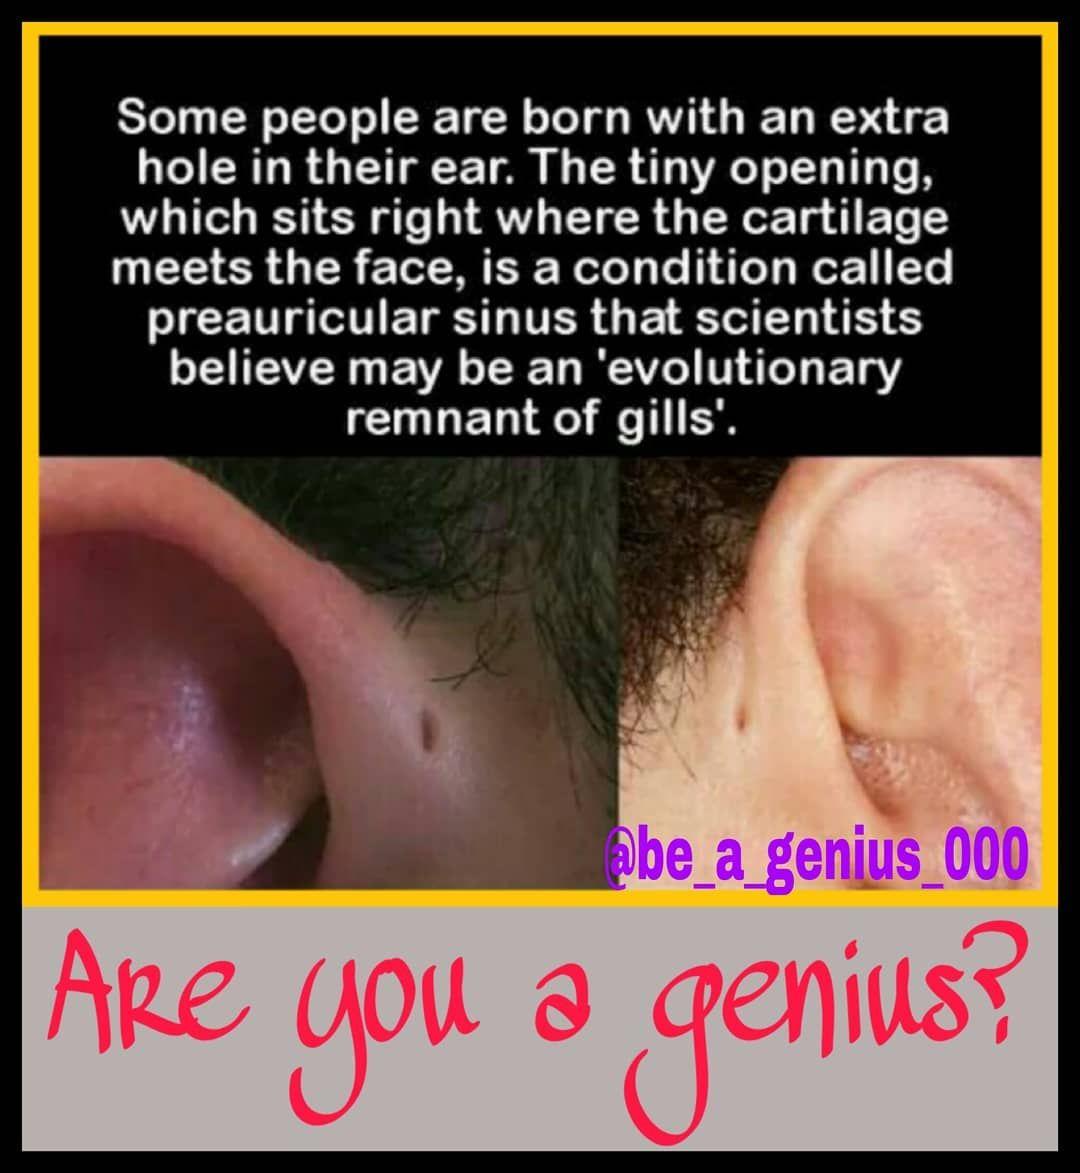 A preauricular sinus also known as a congenital auricular fistula, a